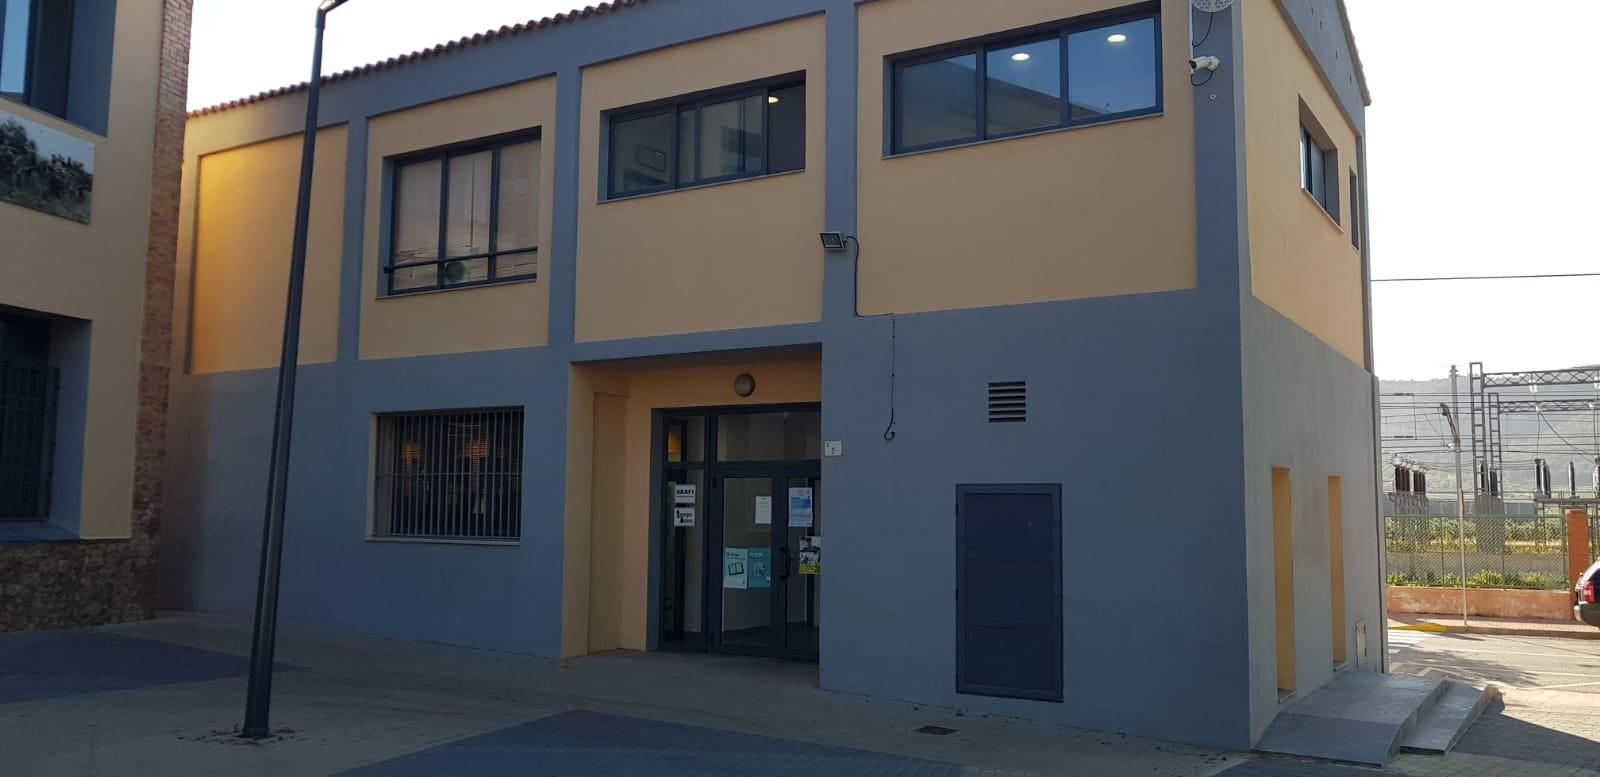 Alcalà, l'Ajuntament millorarà l'accessibilitat de l'edifici dels Serveis Socials